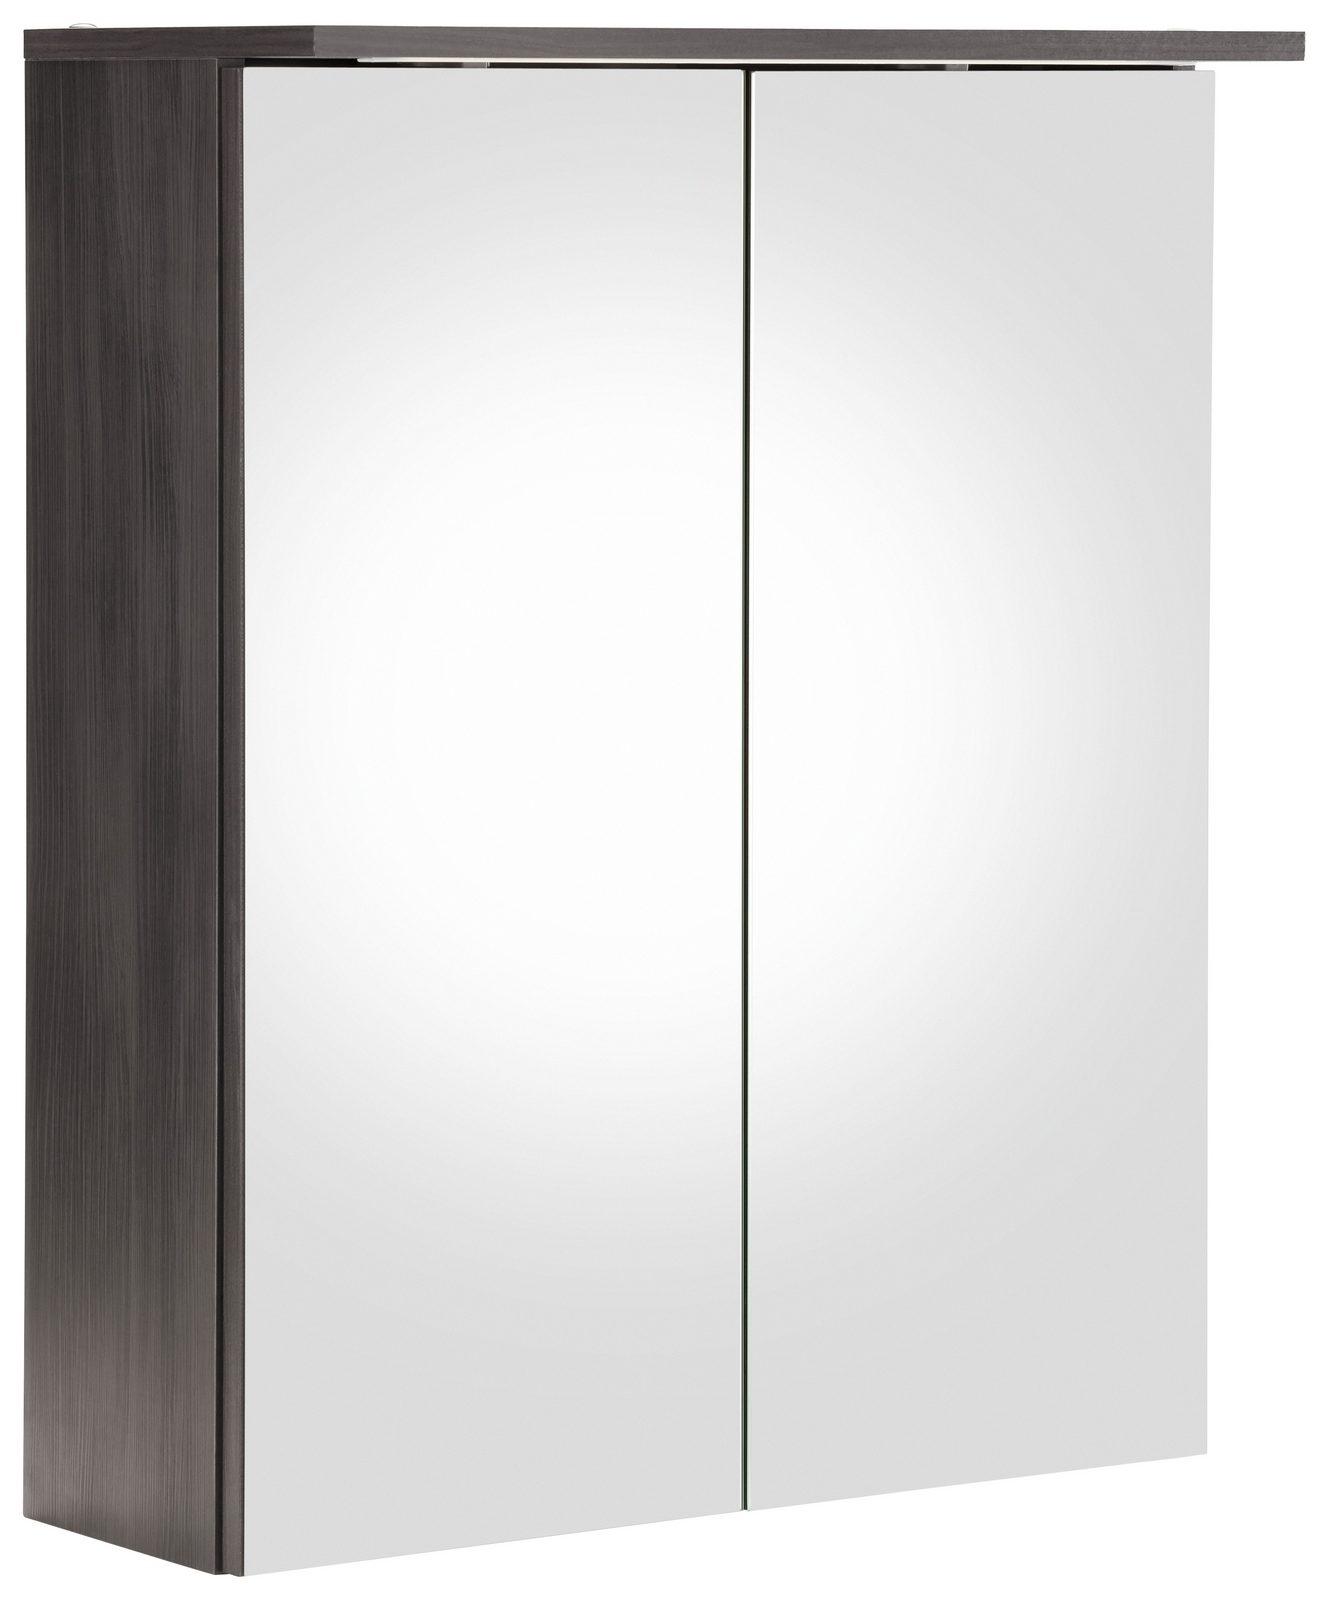 Kesper Spiegelschrank »Balli« mit LED-Beleuchtung jetztbilligerkaufen